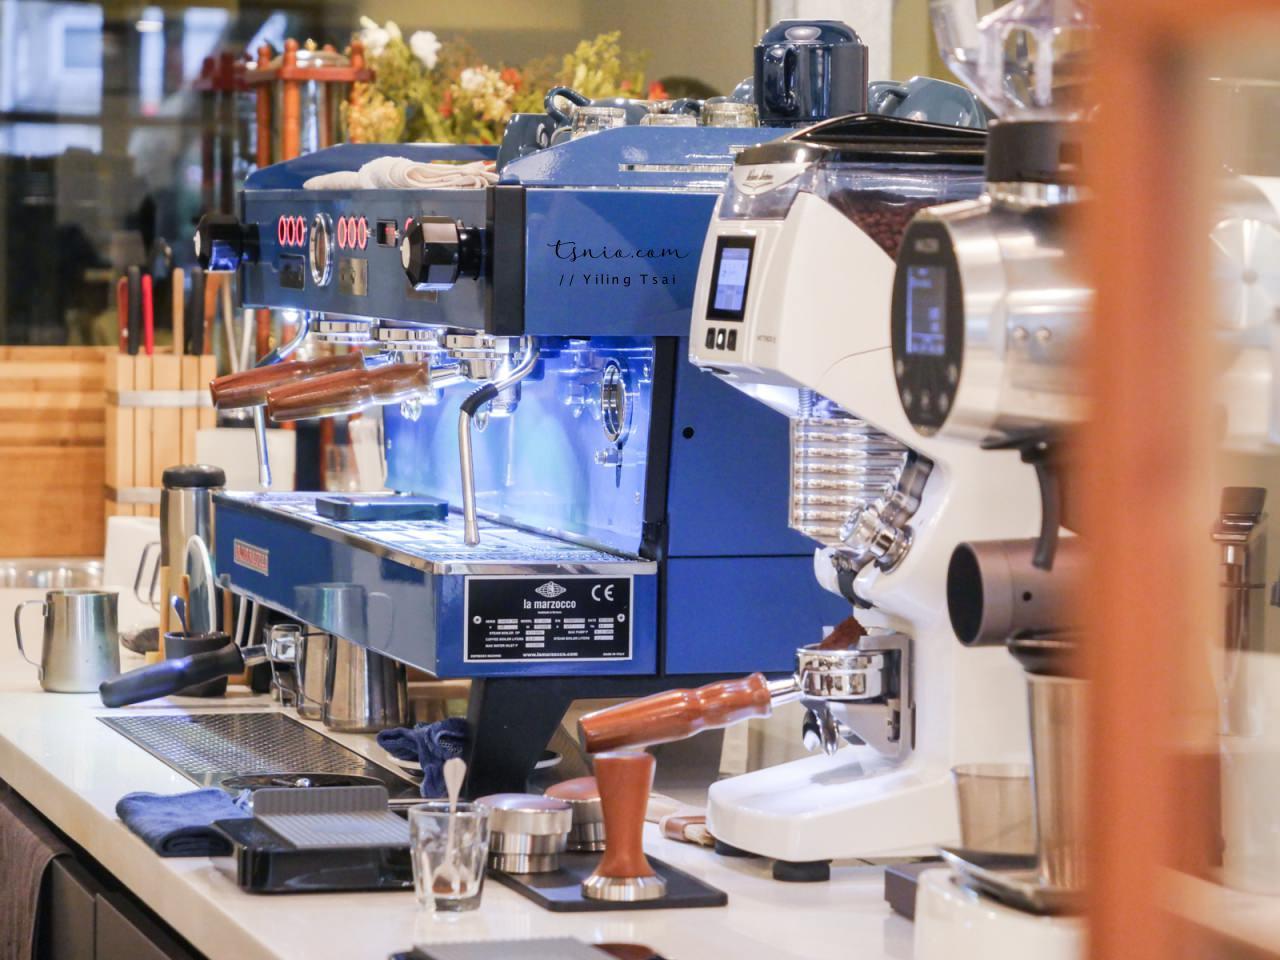 台北咖啡廳 The Normal 精品咖啡仁愛店 在尋常的日子遇見一杯好咖啡